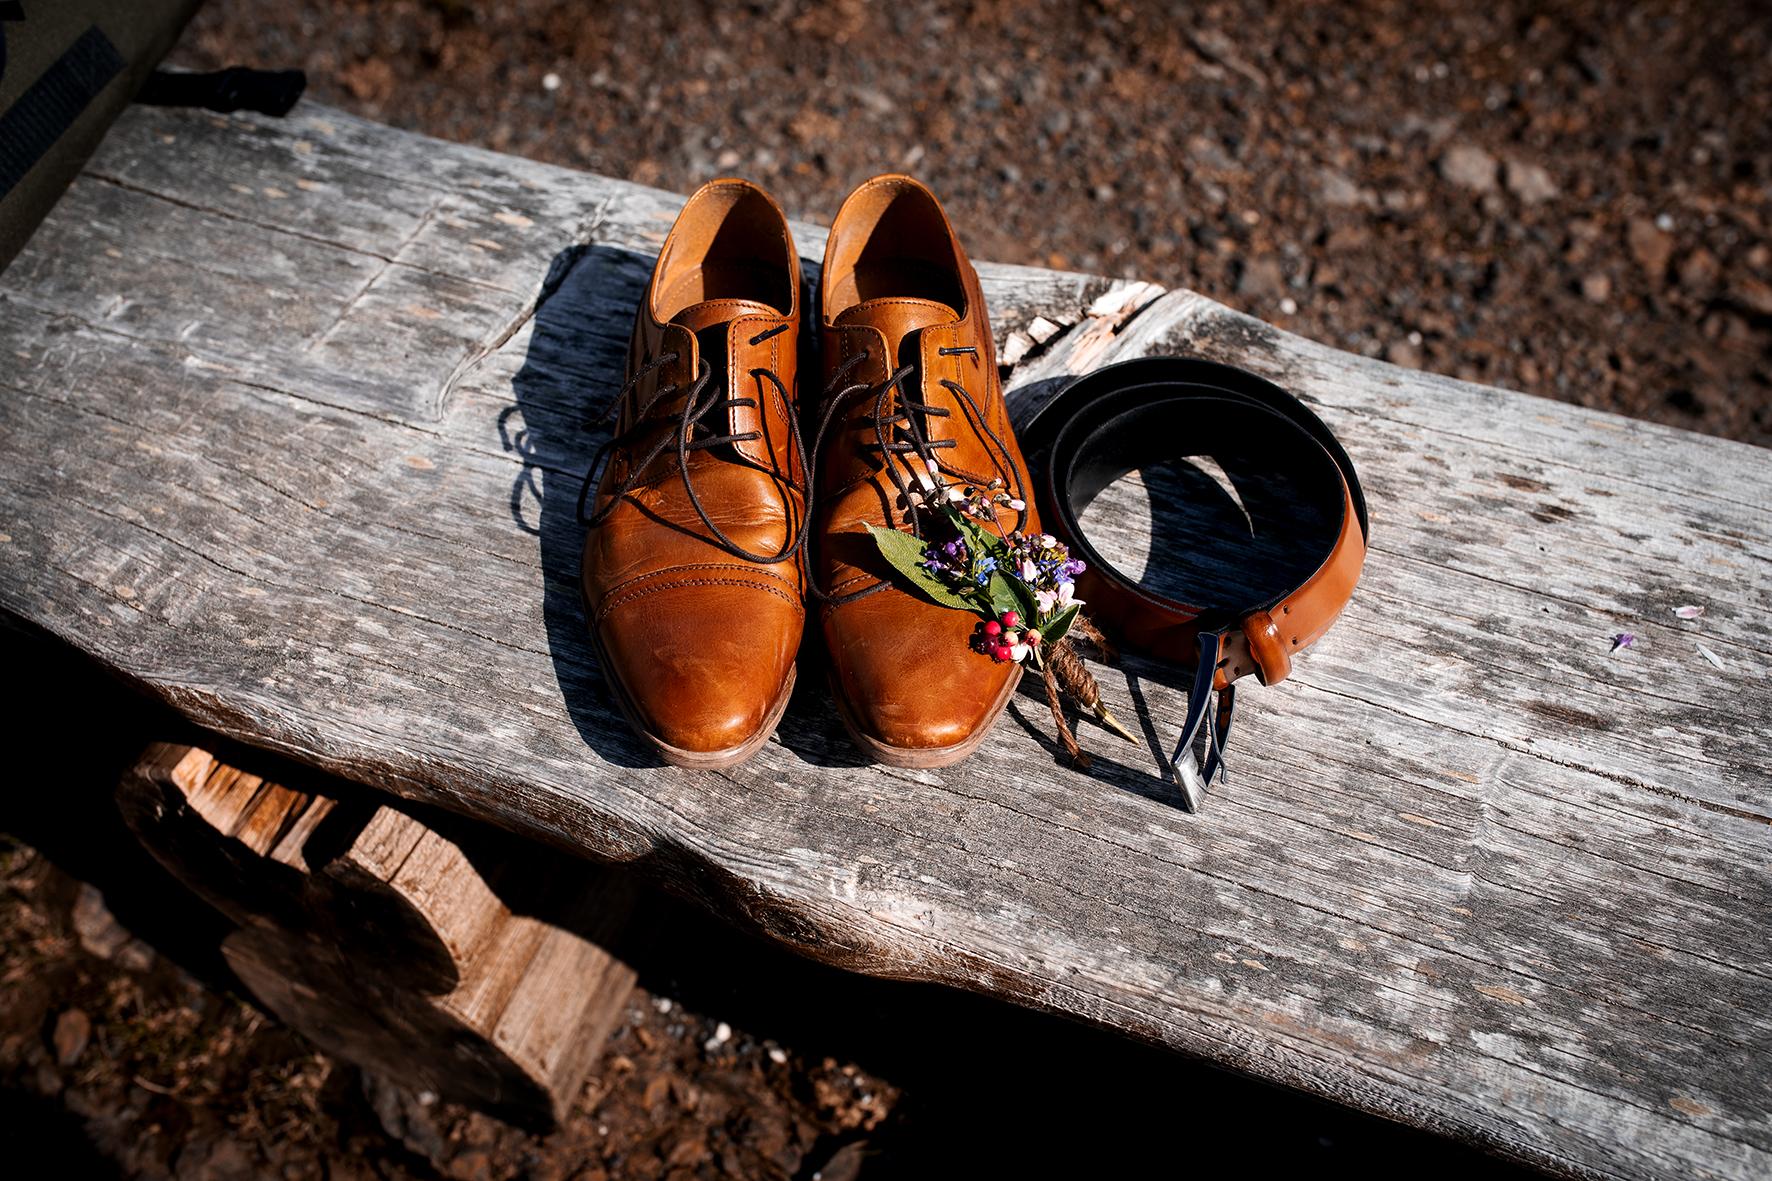 Hellbraune Anzugsschuhe aus Leder, ein dazu passender Gürtel und der Anstecker des Bräutigams liegen bereit auf einer Holzbank. Der Anstecker ist aus saisonalen und regionalen Blüten, Beeren und Salbeiblättern gebunden.